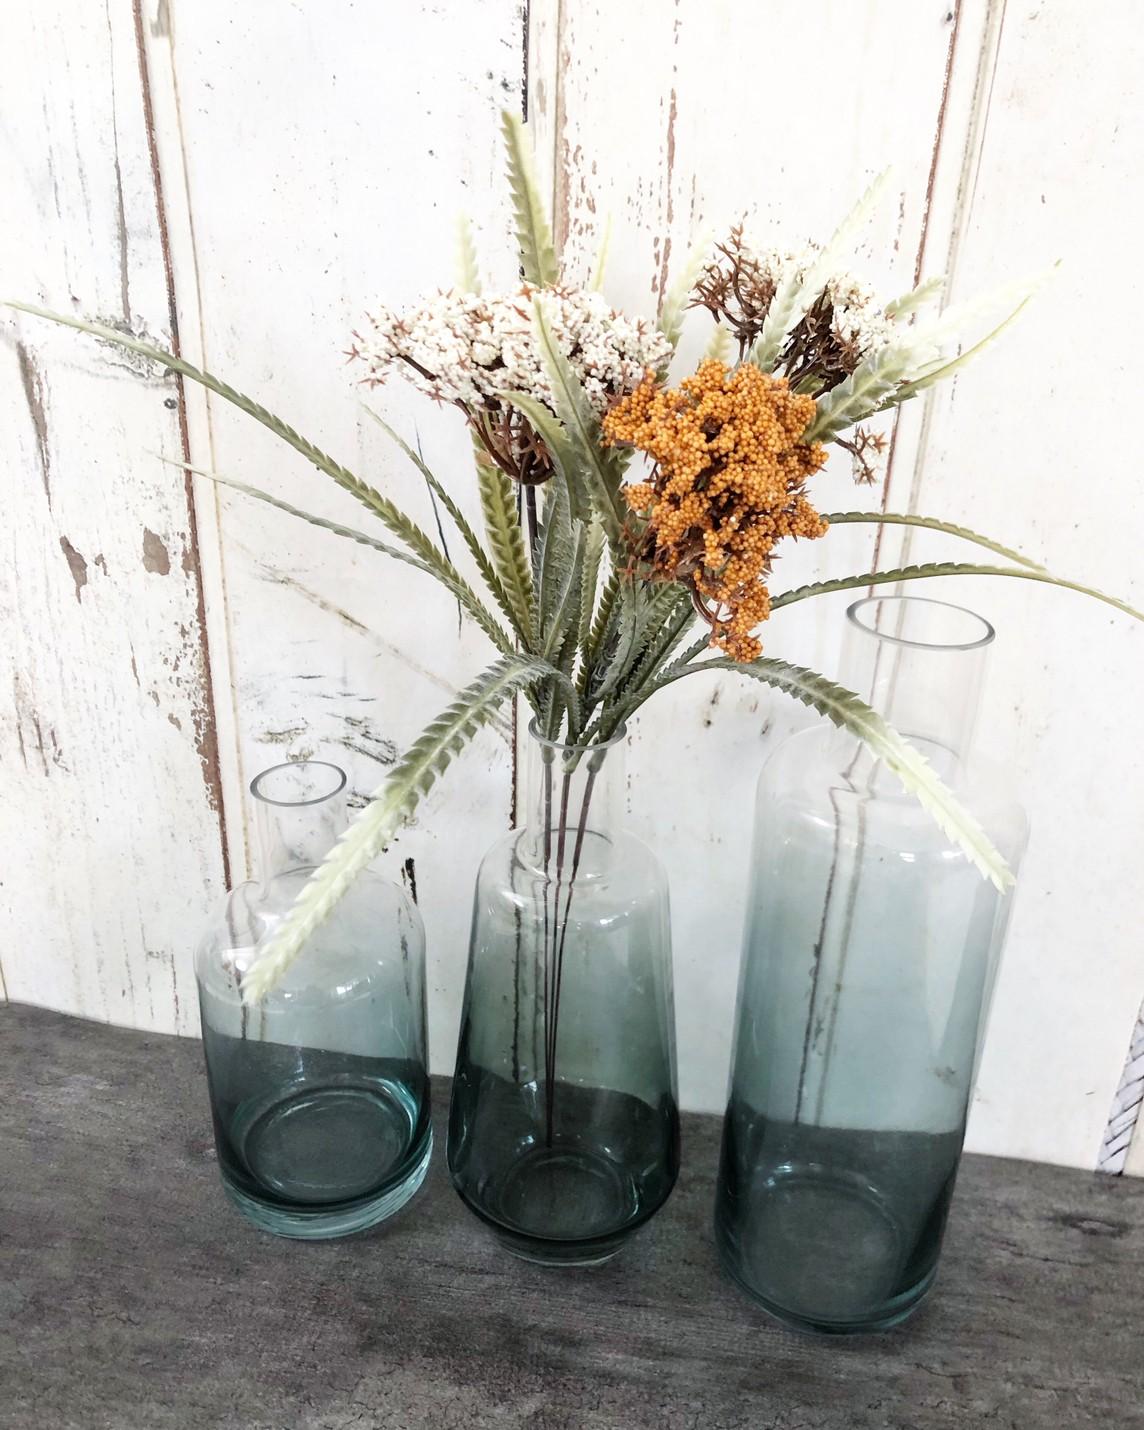 ブルーグラデのガラス瓶(高さ25�)